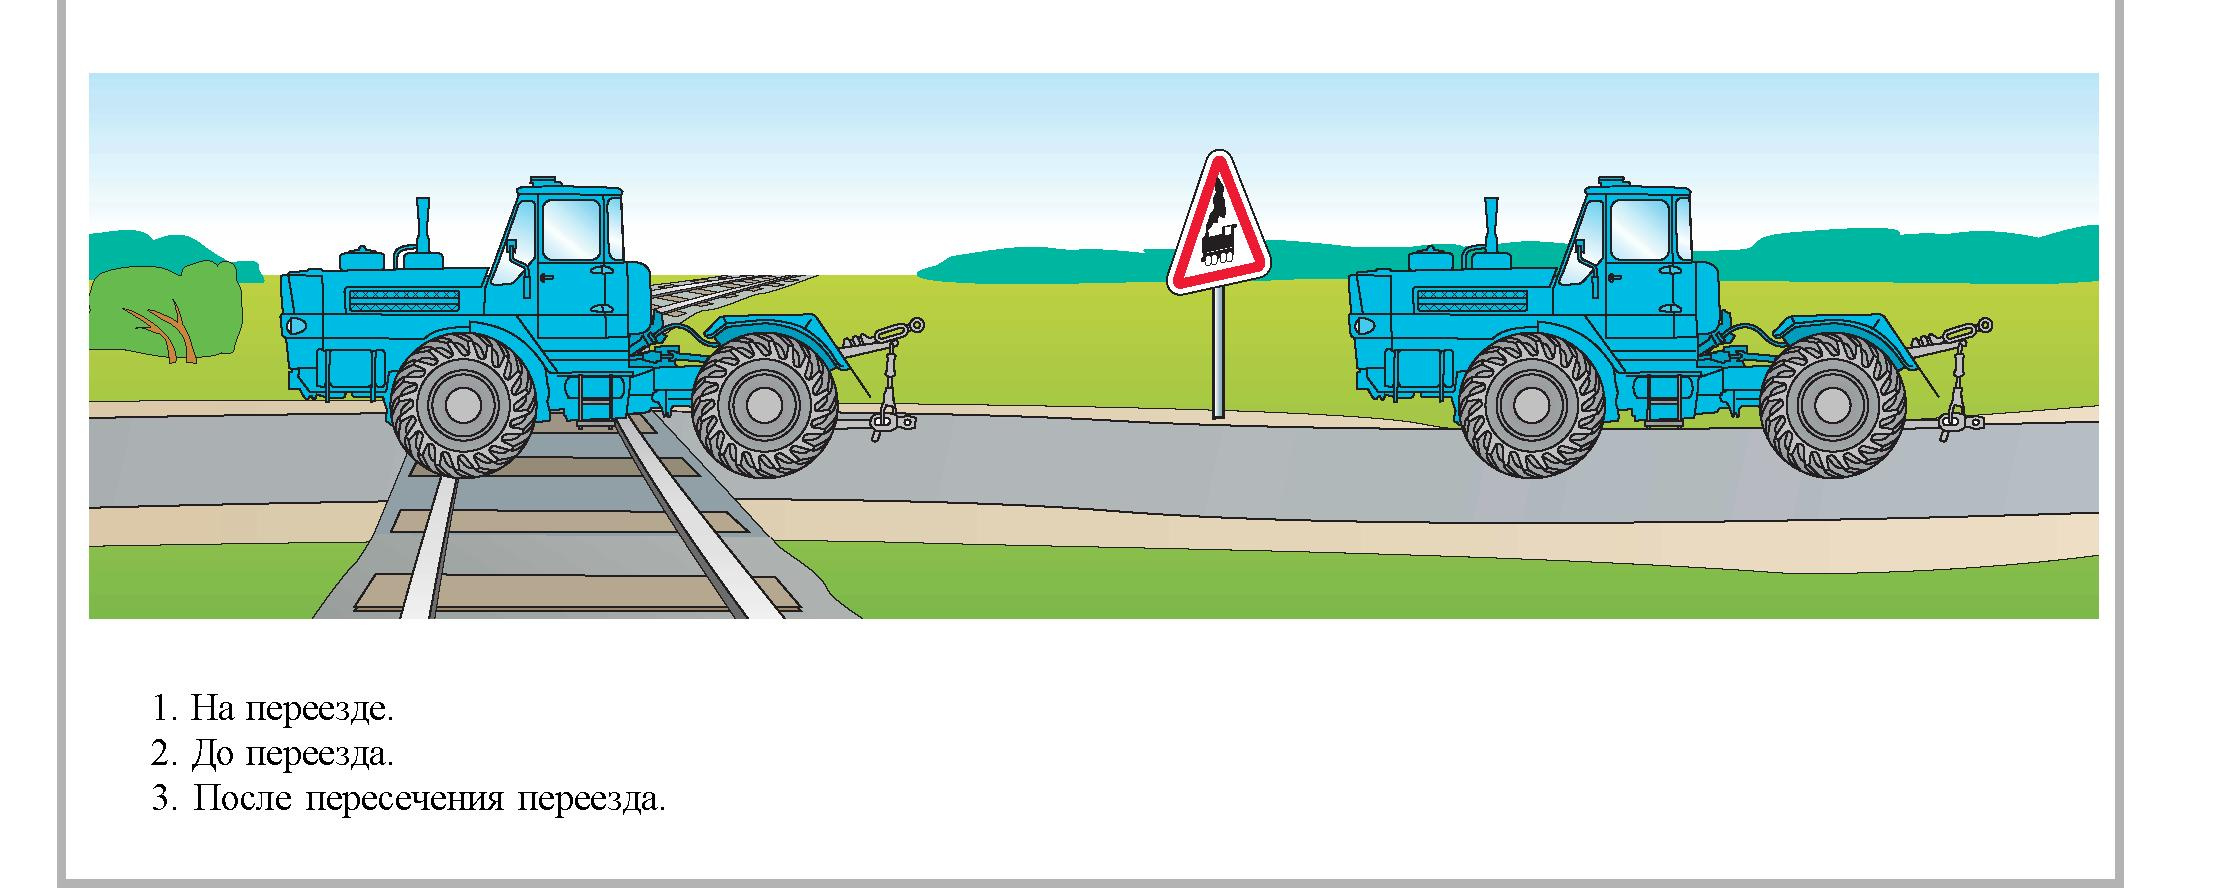 Правила дорожного движения на спецтехнике куплю с пробегом спецтехнику в москва